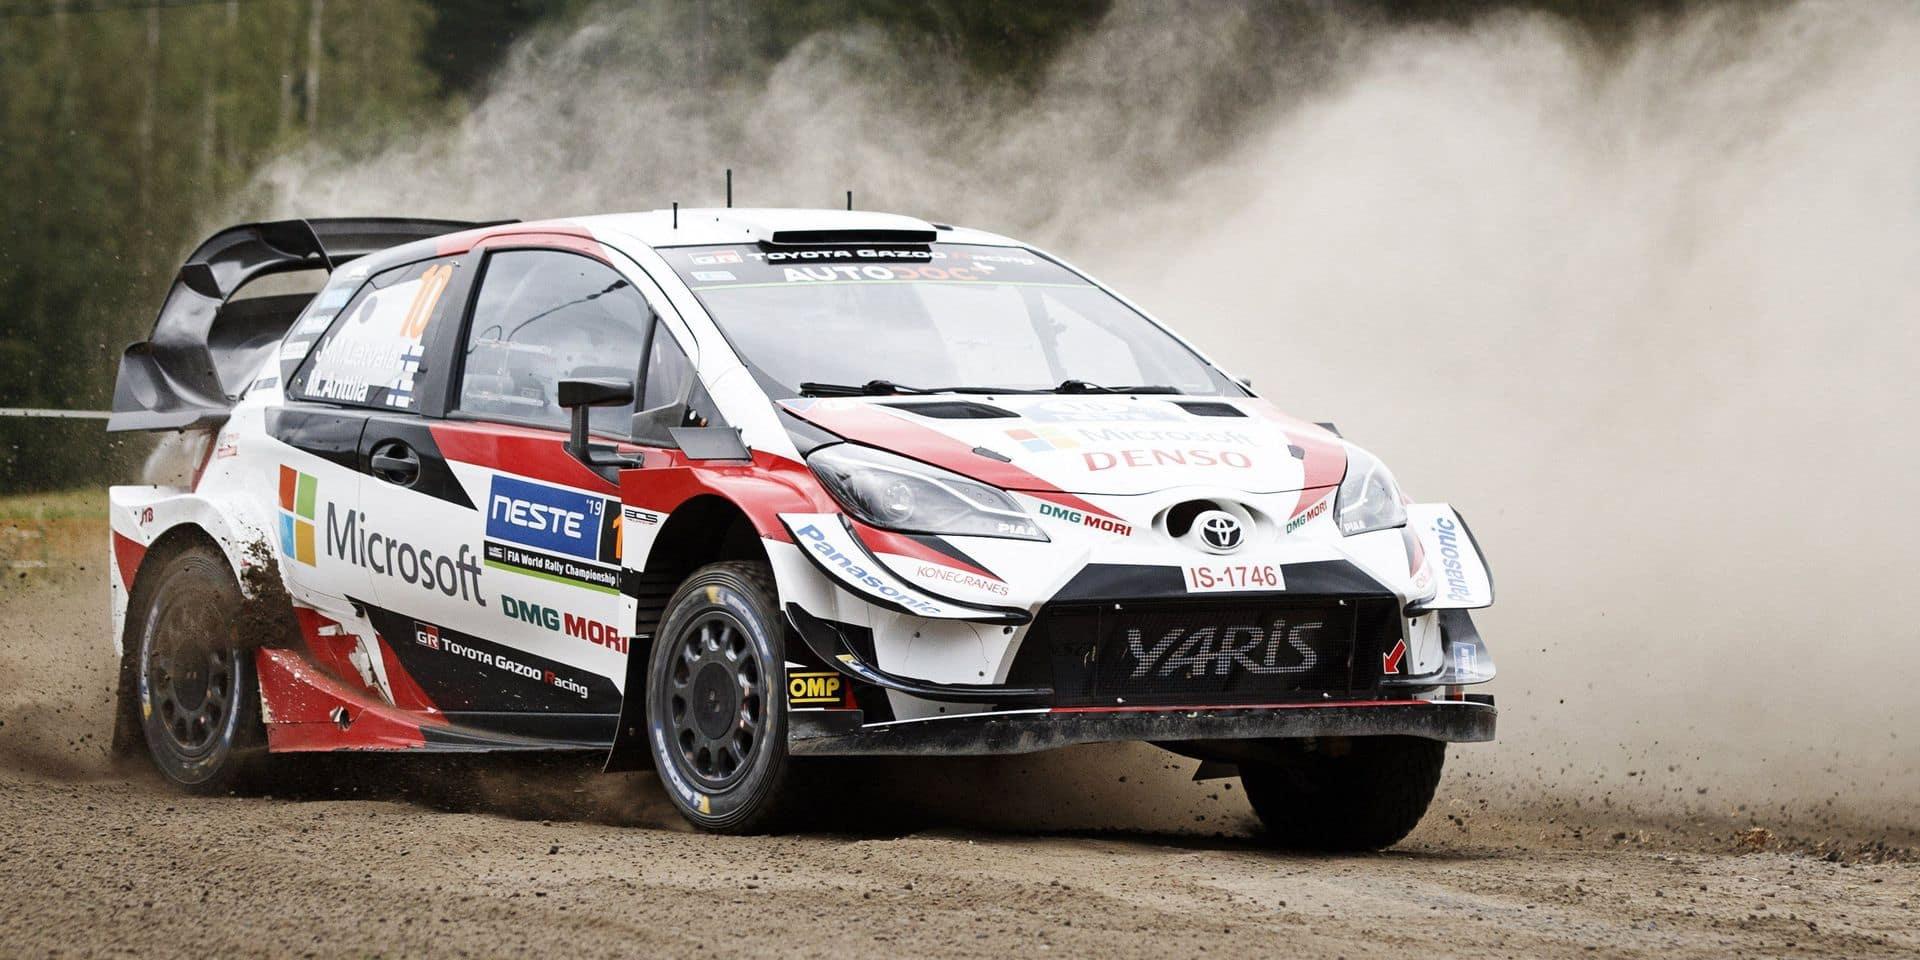 WRC: Alternance des rallyes, absence de Loeb en Allemagne, retour de Breen, tests de Neuville